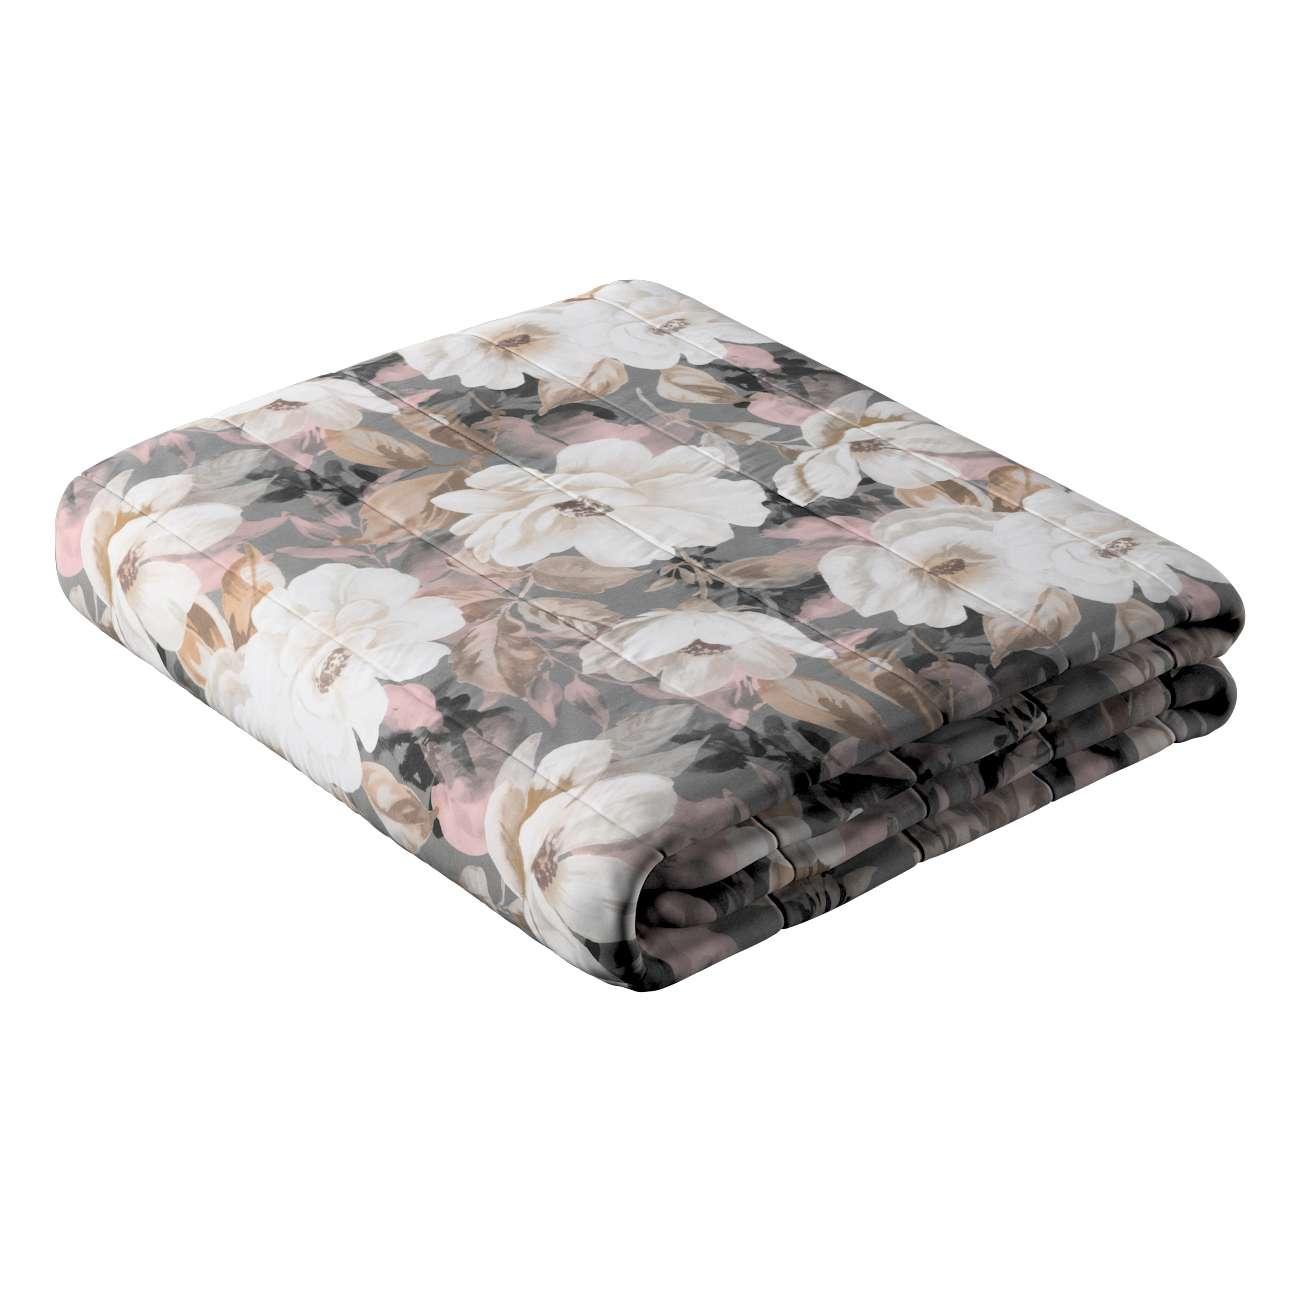 Narzuta pikowana w pasy w kolekcji Gardenia, tkanina: 142-13